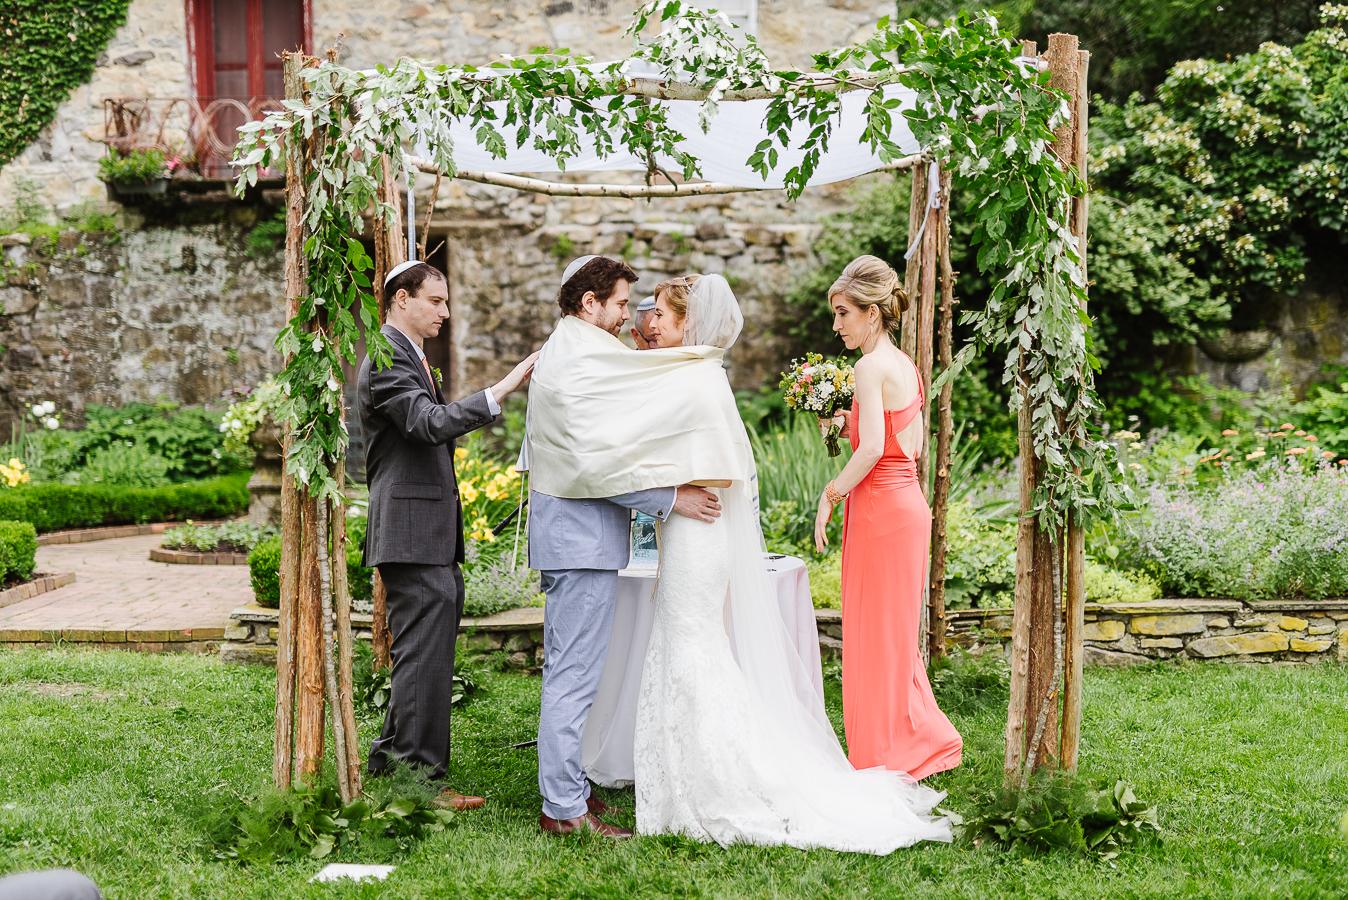 Stylish Crossed Keys Inn Wedding Crossed Keys Wedding Crossed Keys Inn Andover NJ Longbrook Photography-46.jpg